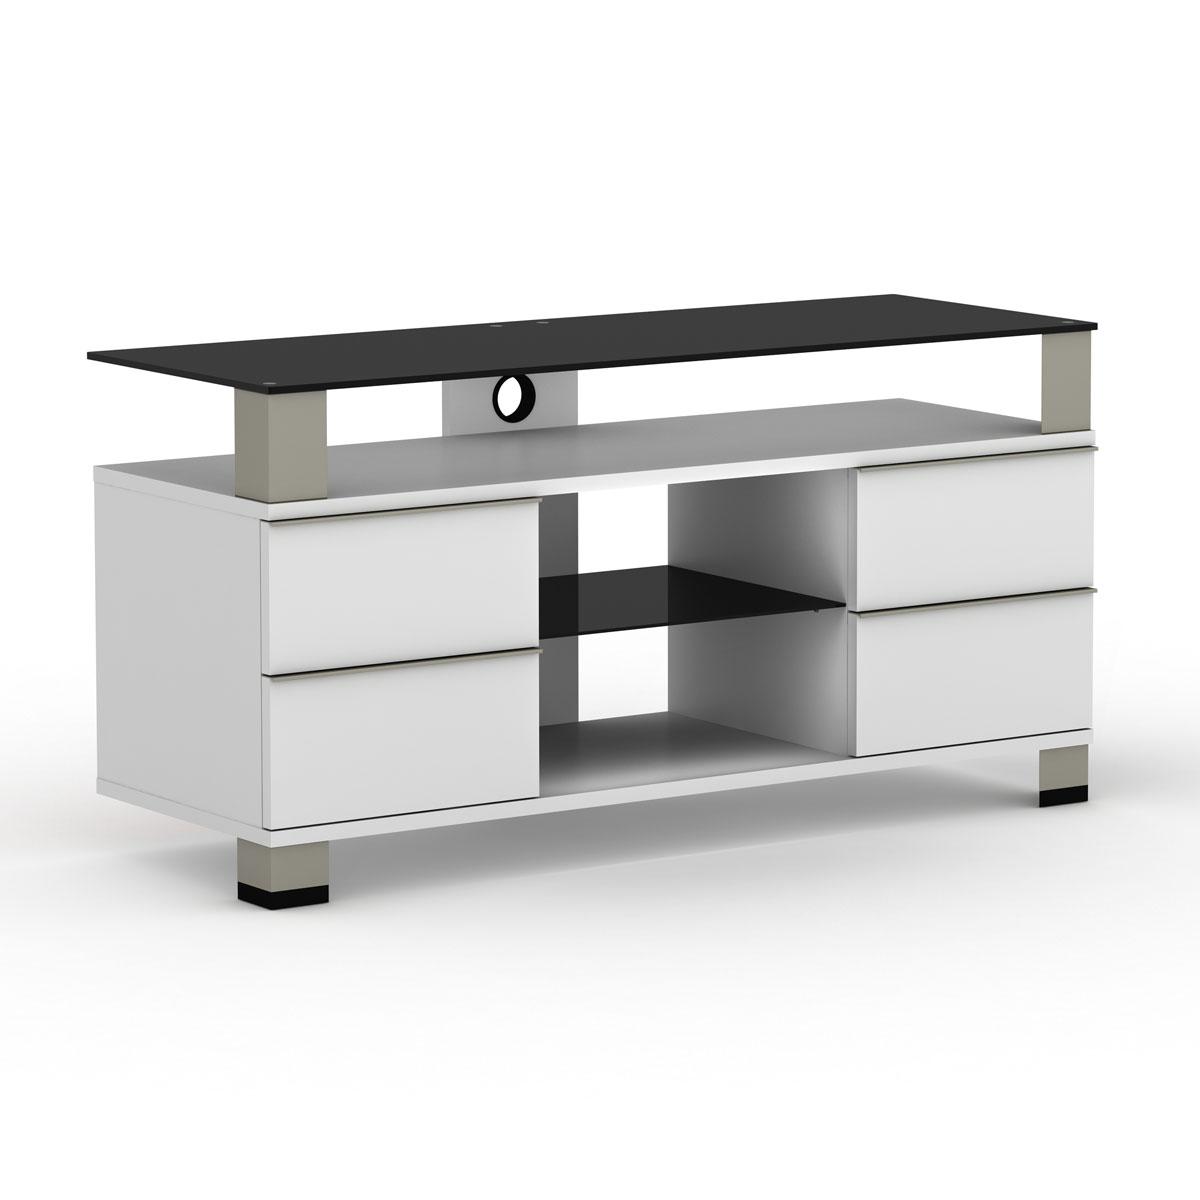 Elmob pone pn 120 02 blanc meuble tv elmob sur ldlc - Meuble pour ecran plat ...